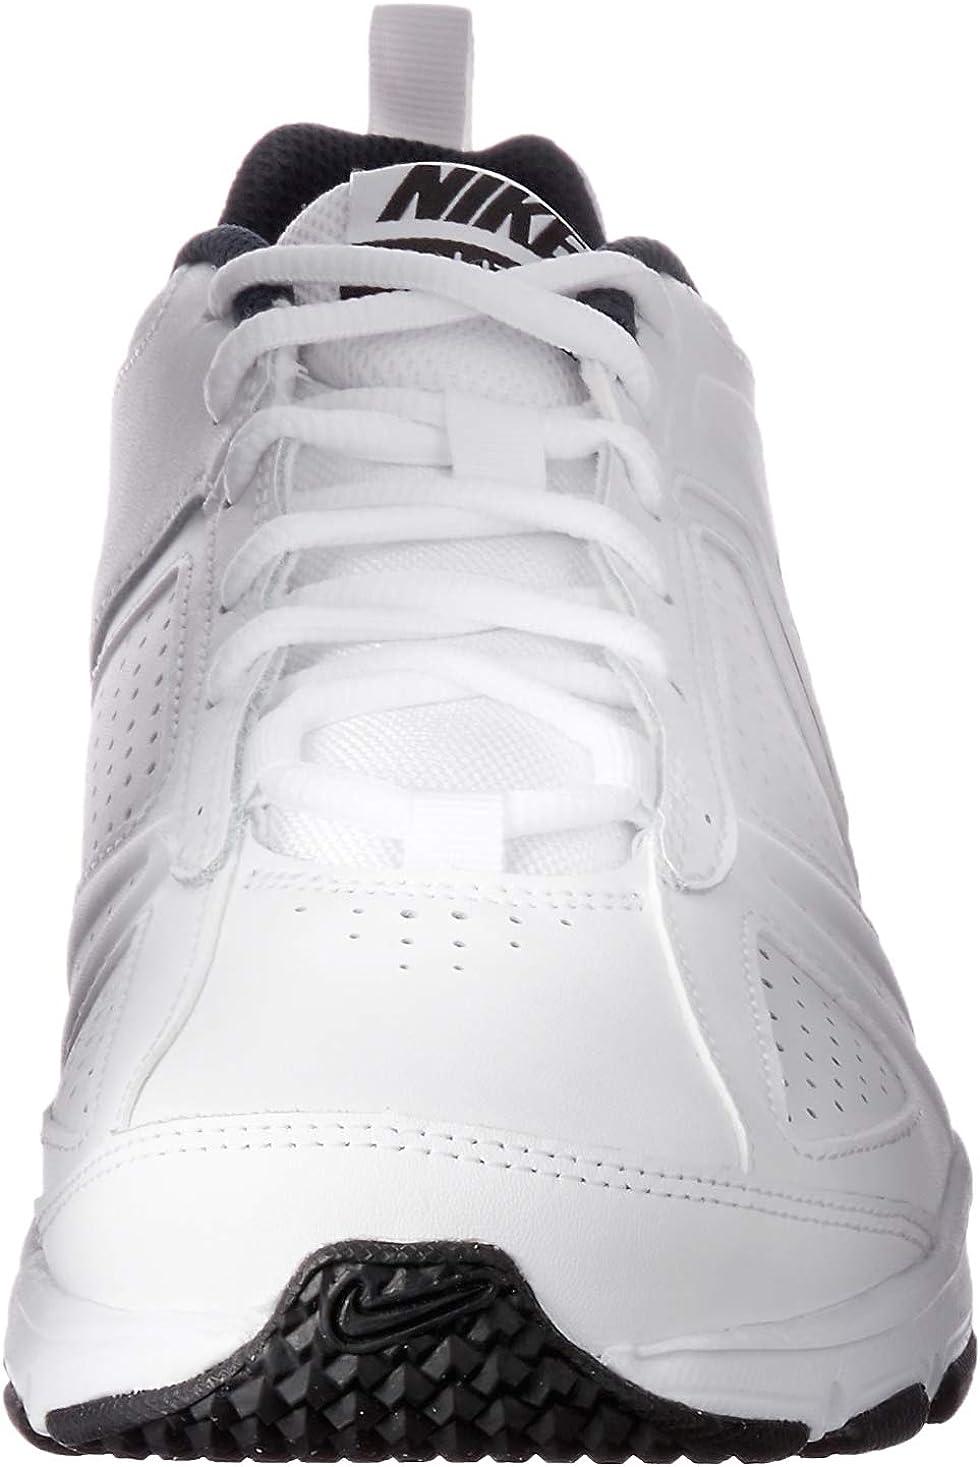 Nike T-Lite 11, Zapatillas de Cross Training para Hombre: Nike: Amazon.es: Deportes y aire libre